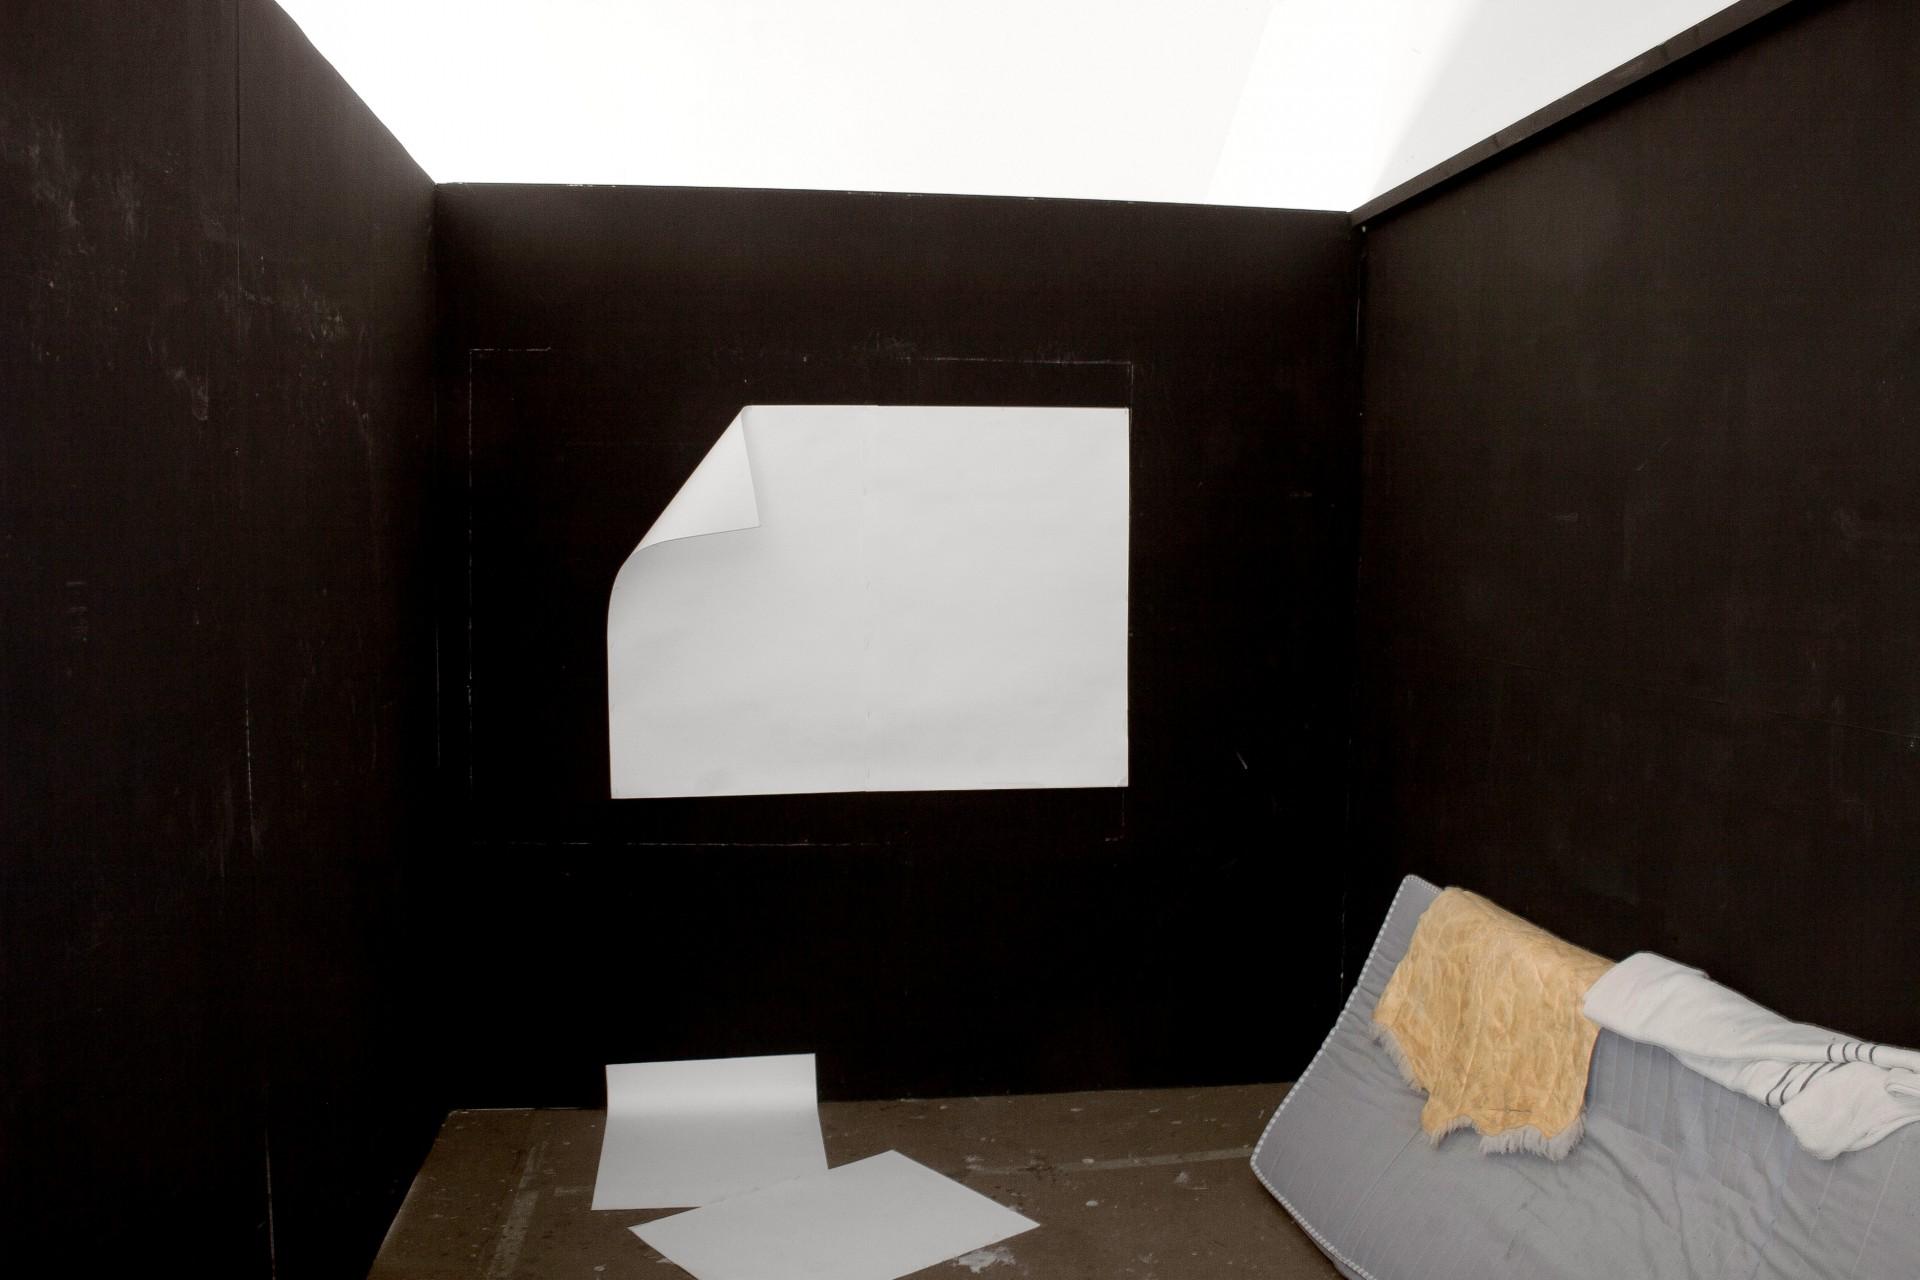 BEN VAN DEN BERGHE Bühnen, Galleri NON, Istanbul, 2011